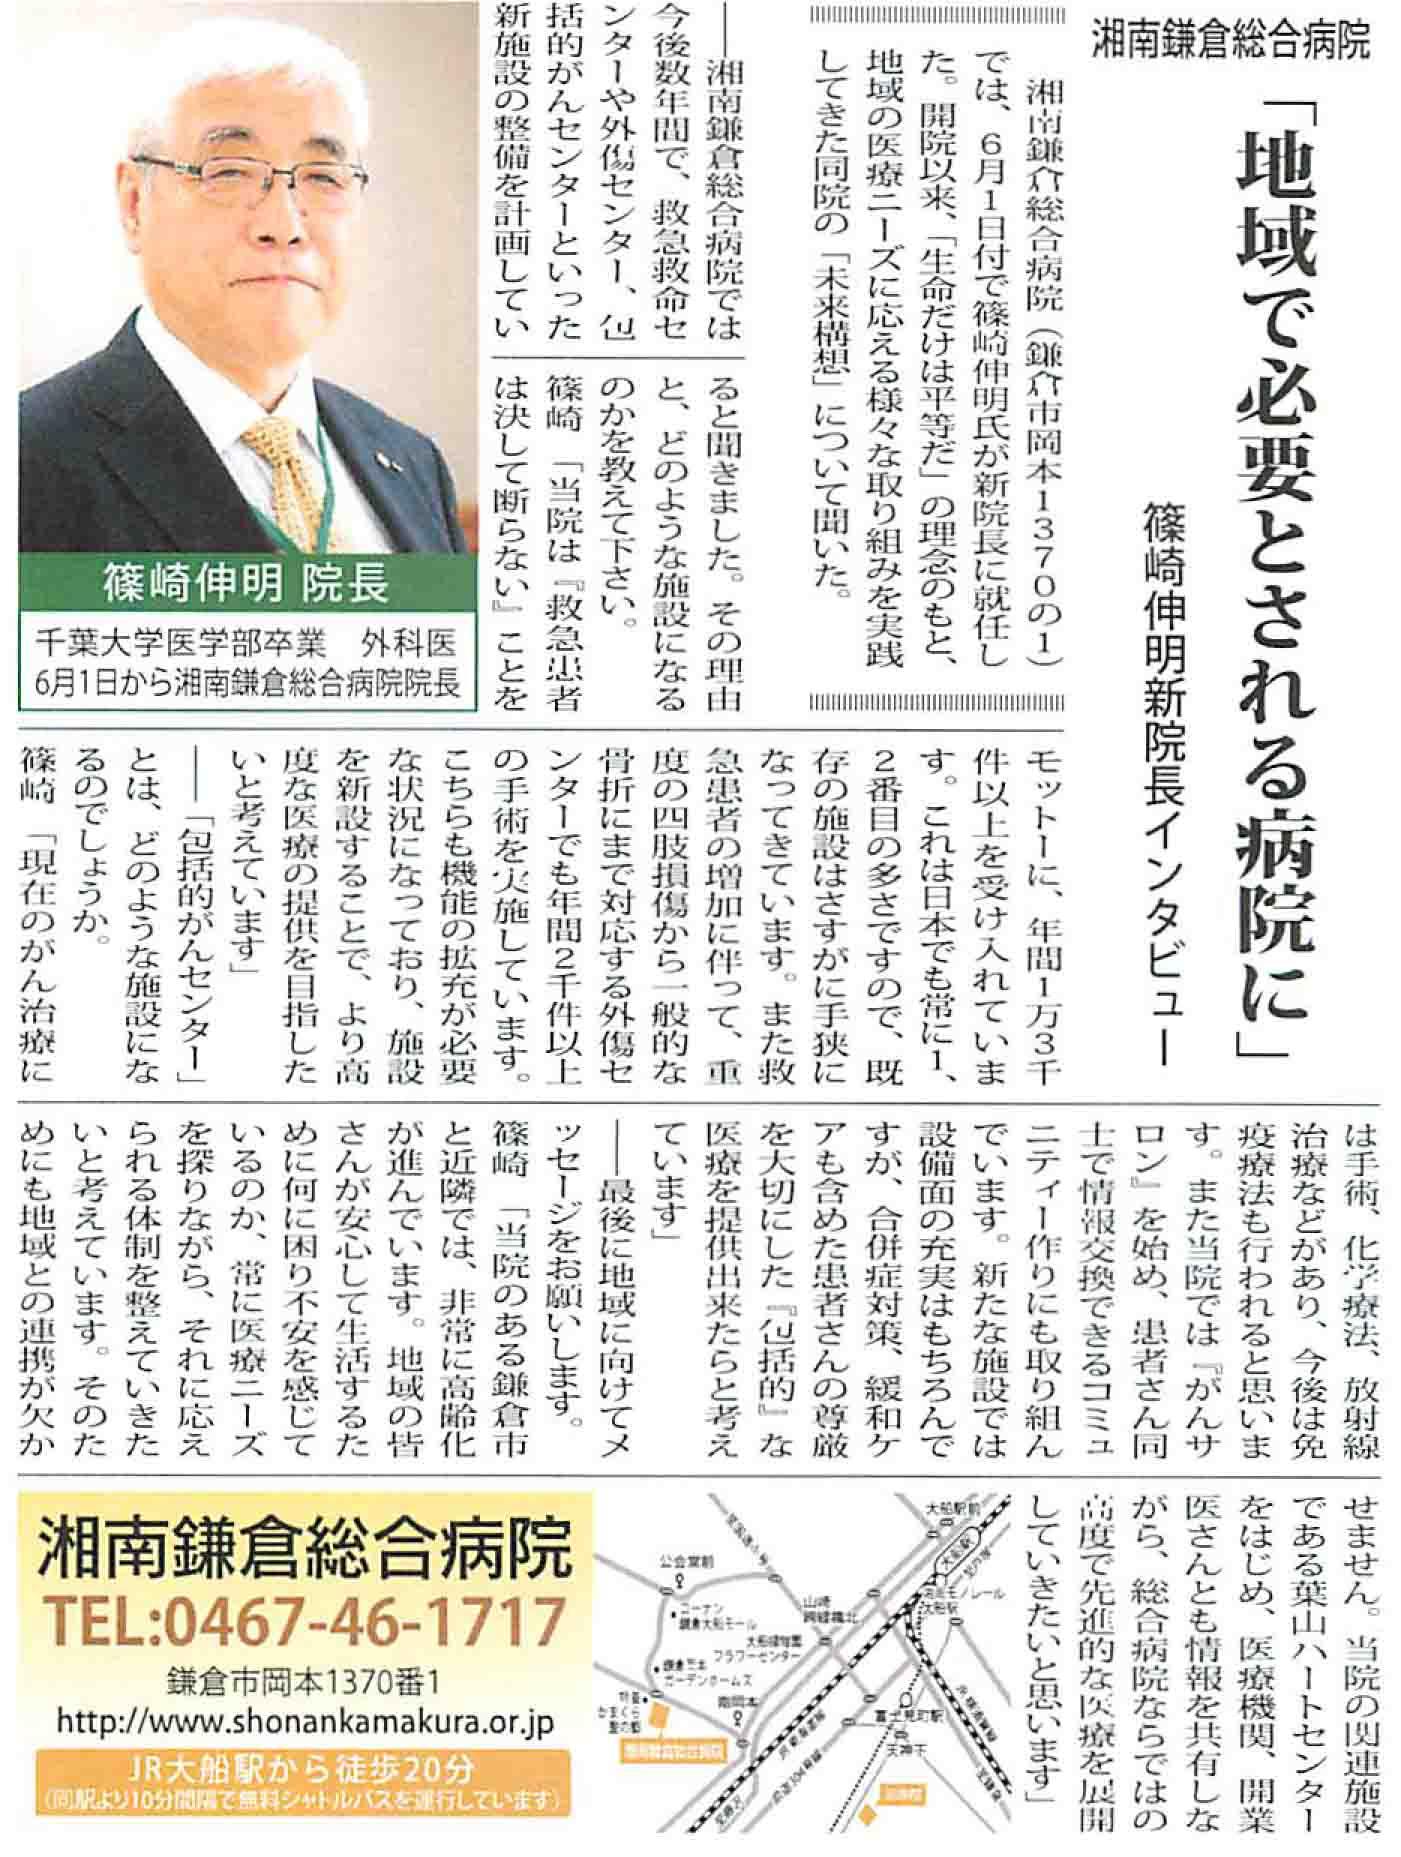 2017.08.04_タウンニュース鎌倉版篠崎新院長記事.jpg